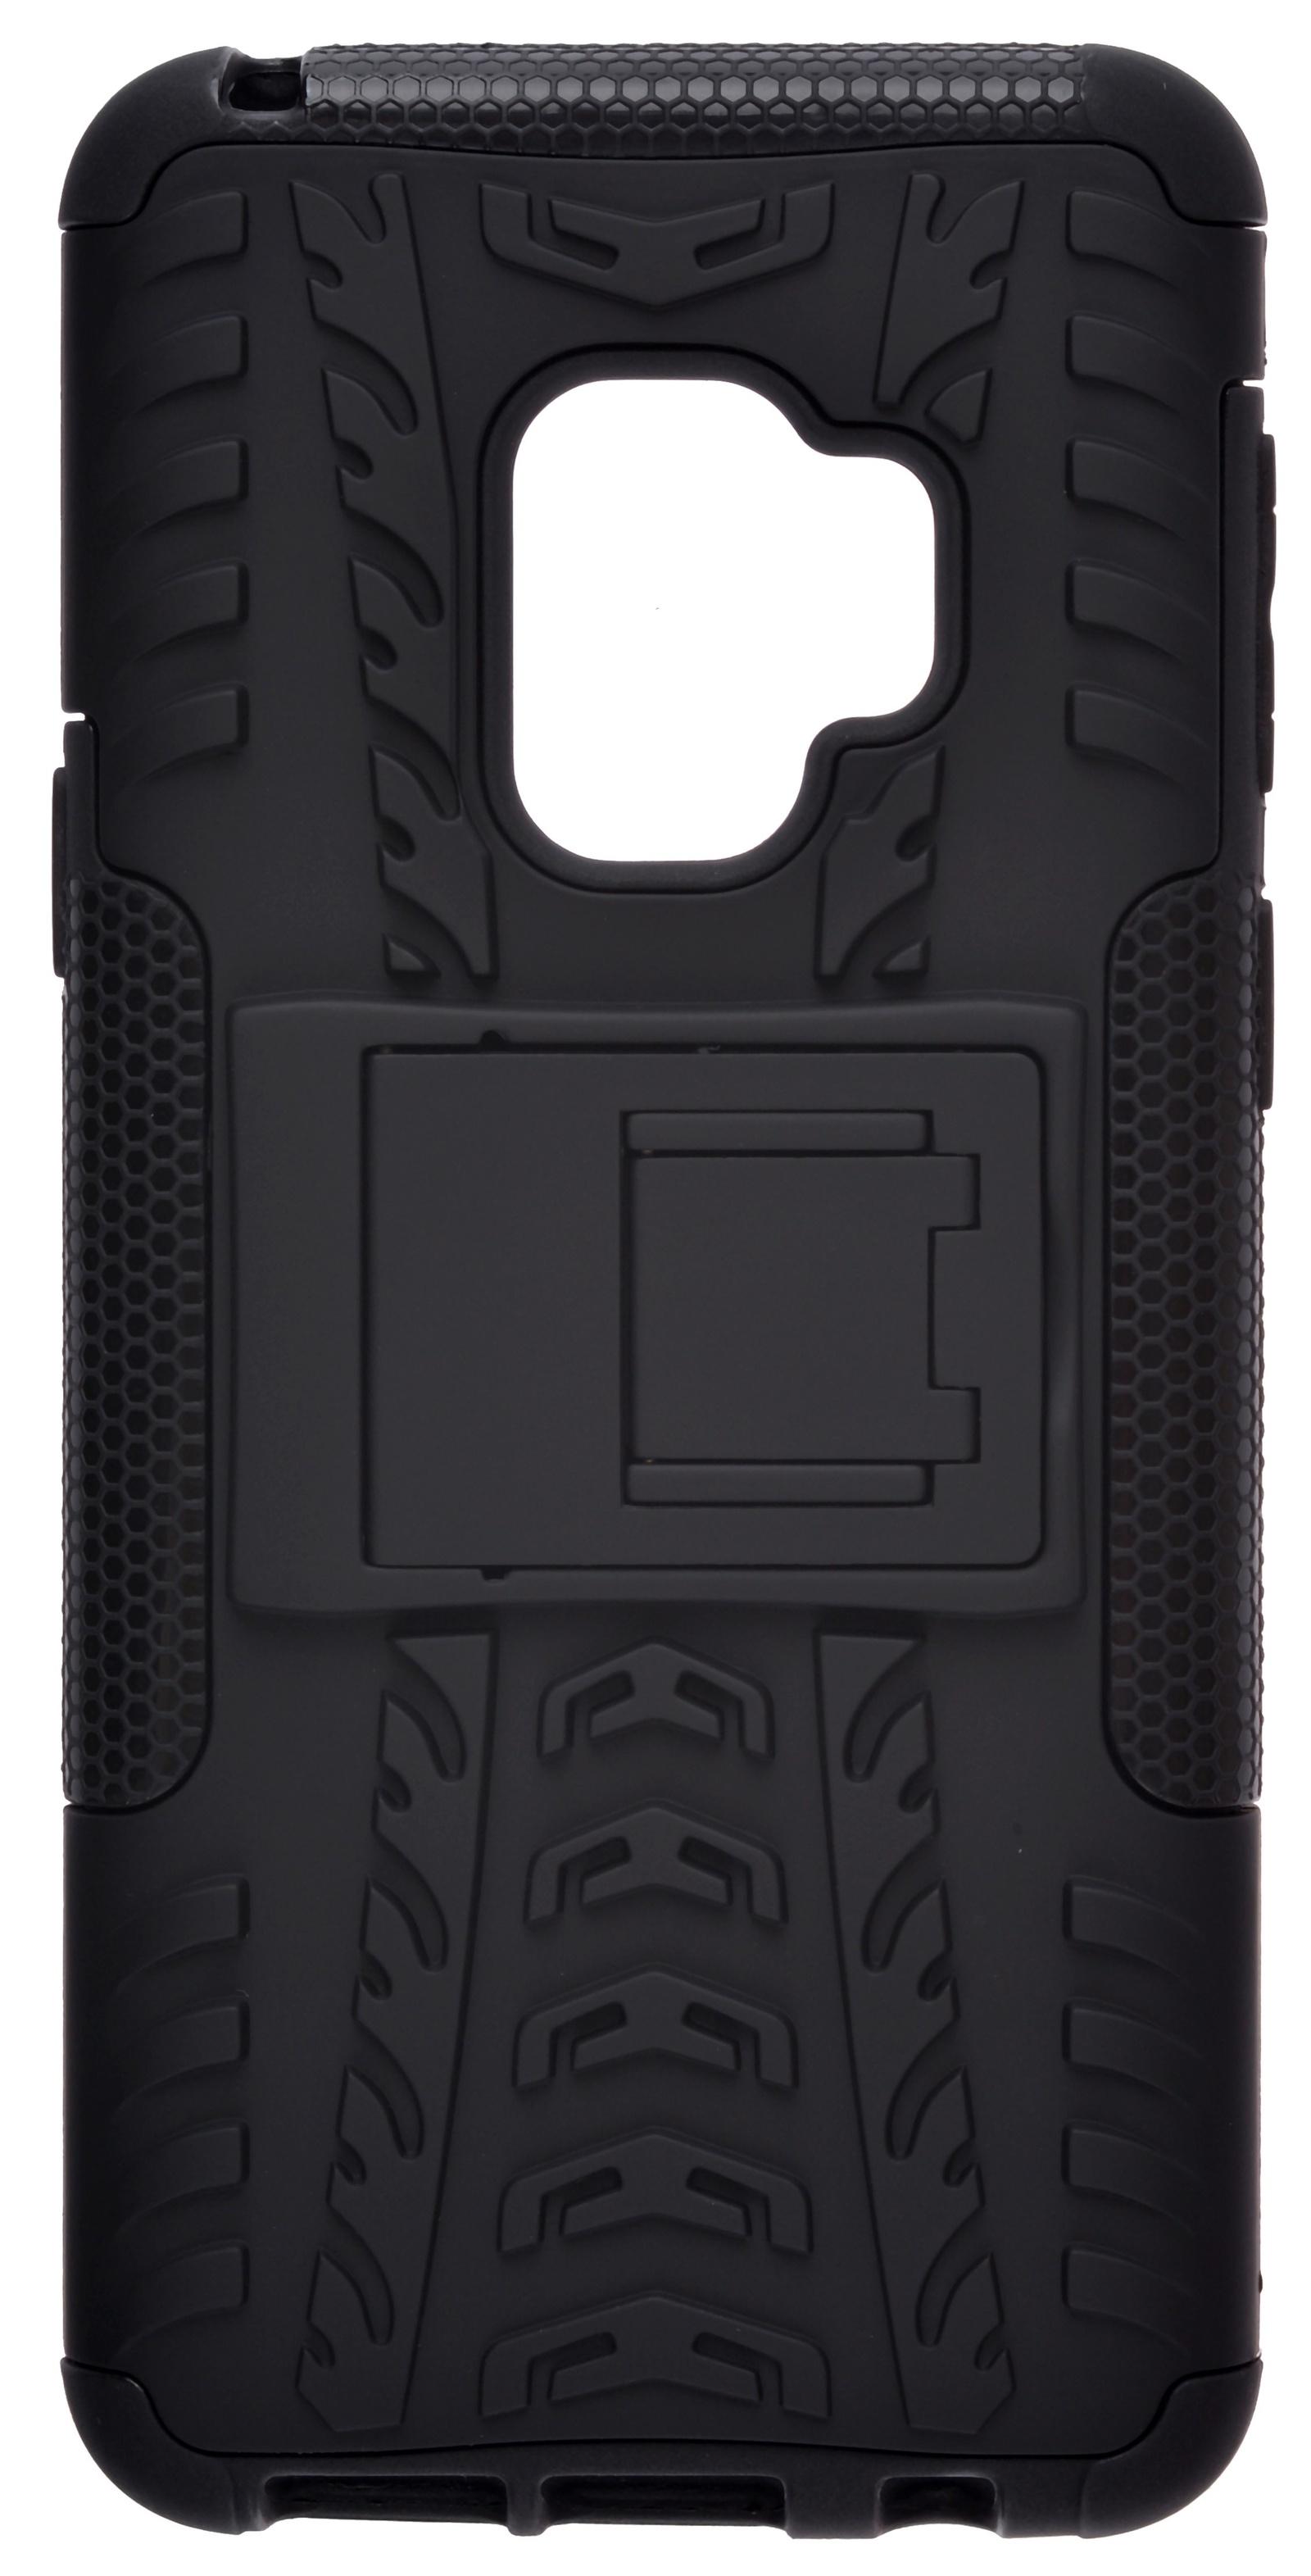 Накладка Skinbox Defender для Samsung Galaxy S9, 4630042520653, черный